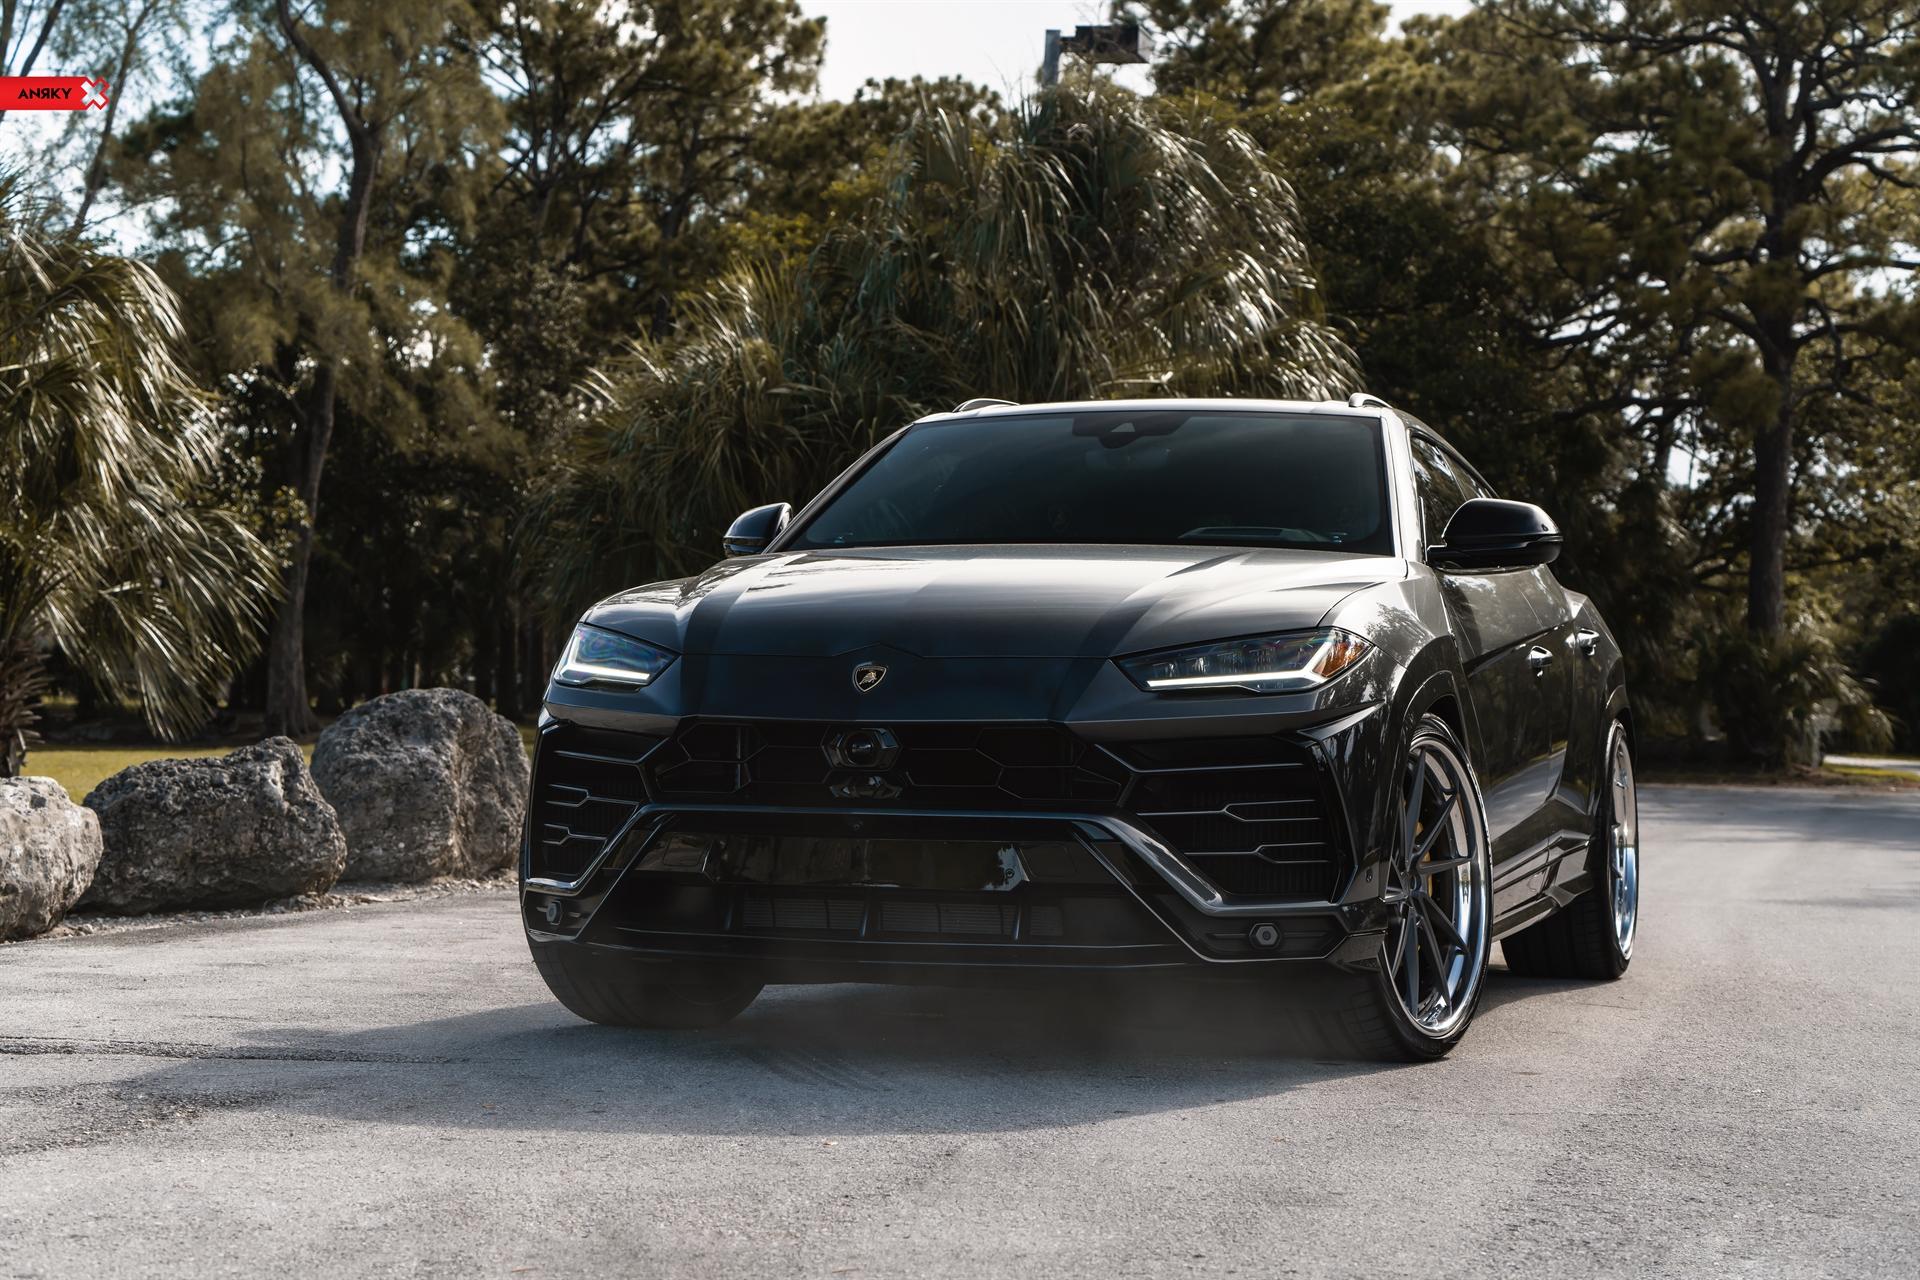 Lamborghini Urus – AN33 SeriesTHREE